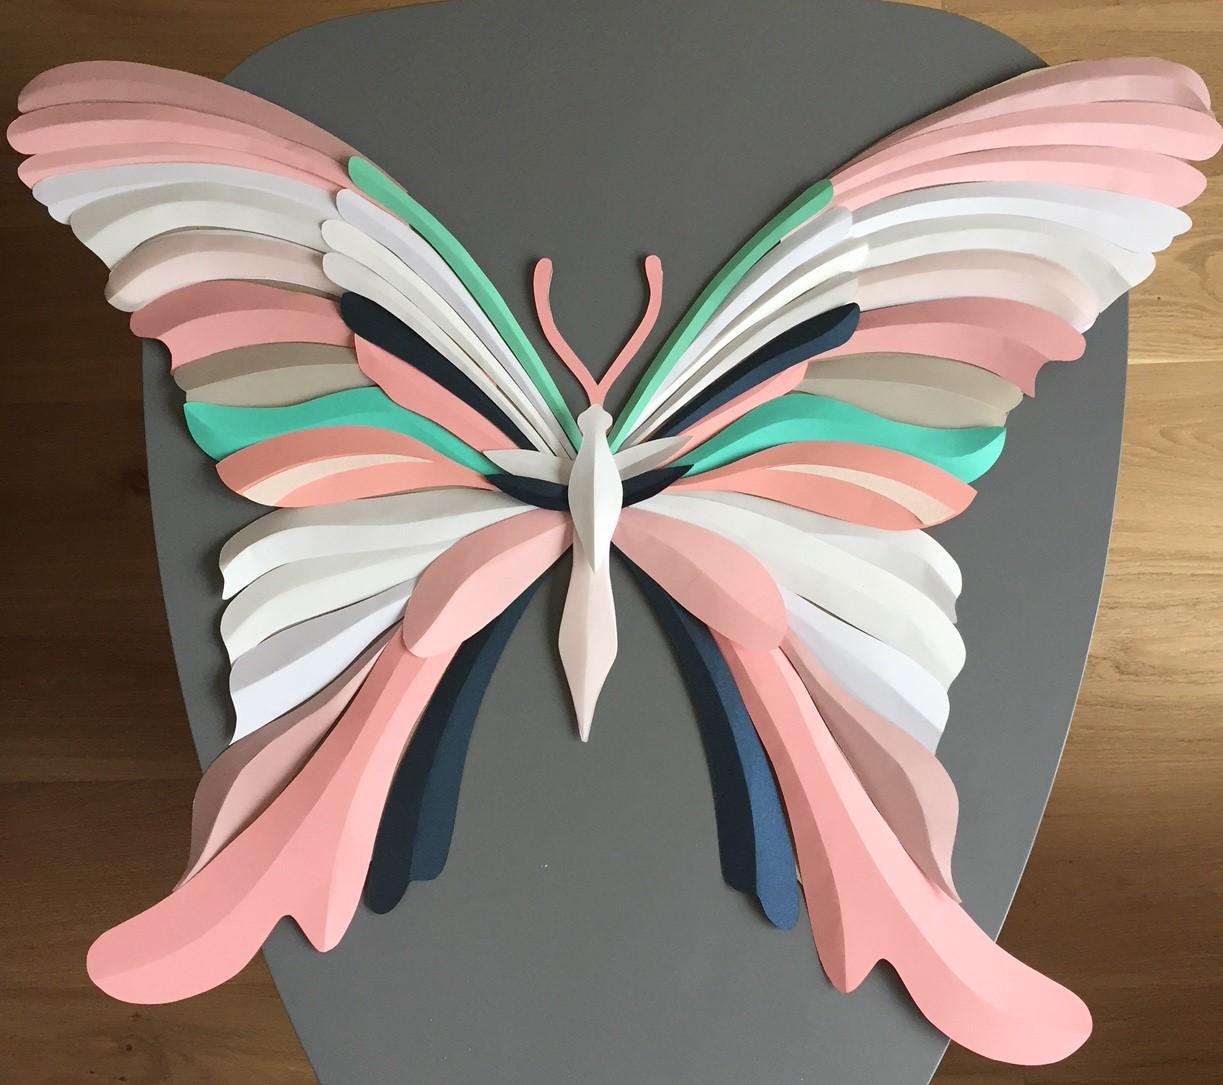 Papillon, 3D paper, sculpture, volume, kirigami, découpe papier, scenographie de vitrine avec mapetitevitrine, création, 2018, Laure Devenelle